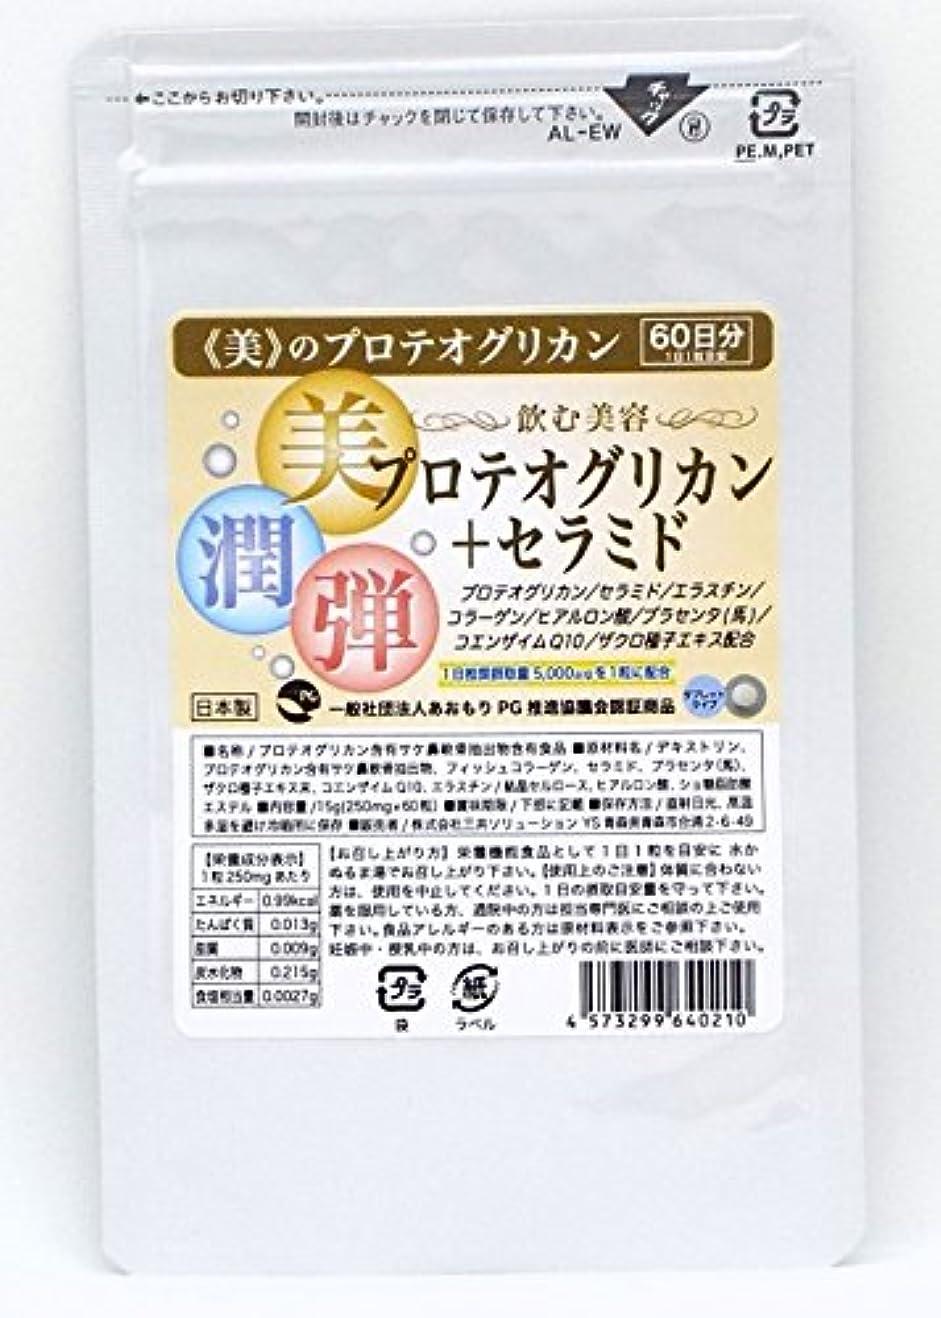 もっともらしい秀でるマイクプロテオグリカン+セラミド 60日分 ?飲む美容? プロテオグリカン セラミド エラスチン ヒアルロン酸 馬プラセンタ ザクロ コエンザイムQ10配 潤い 保湿で人気